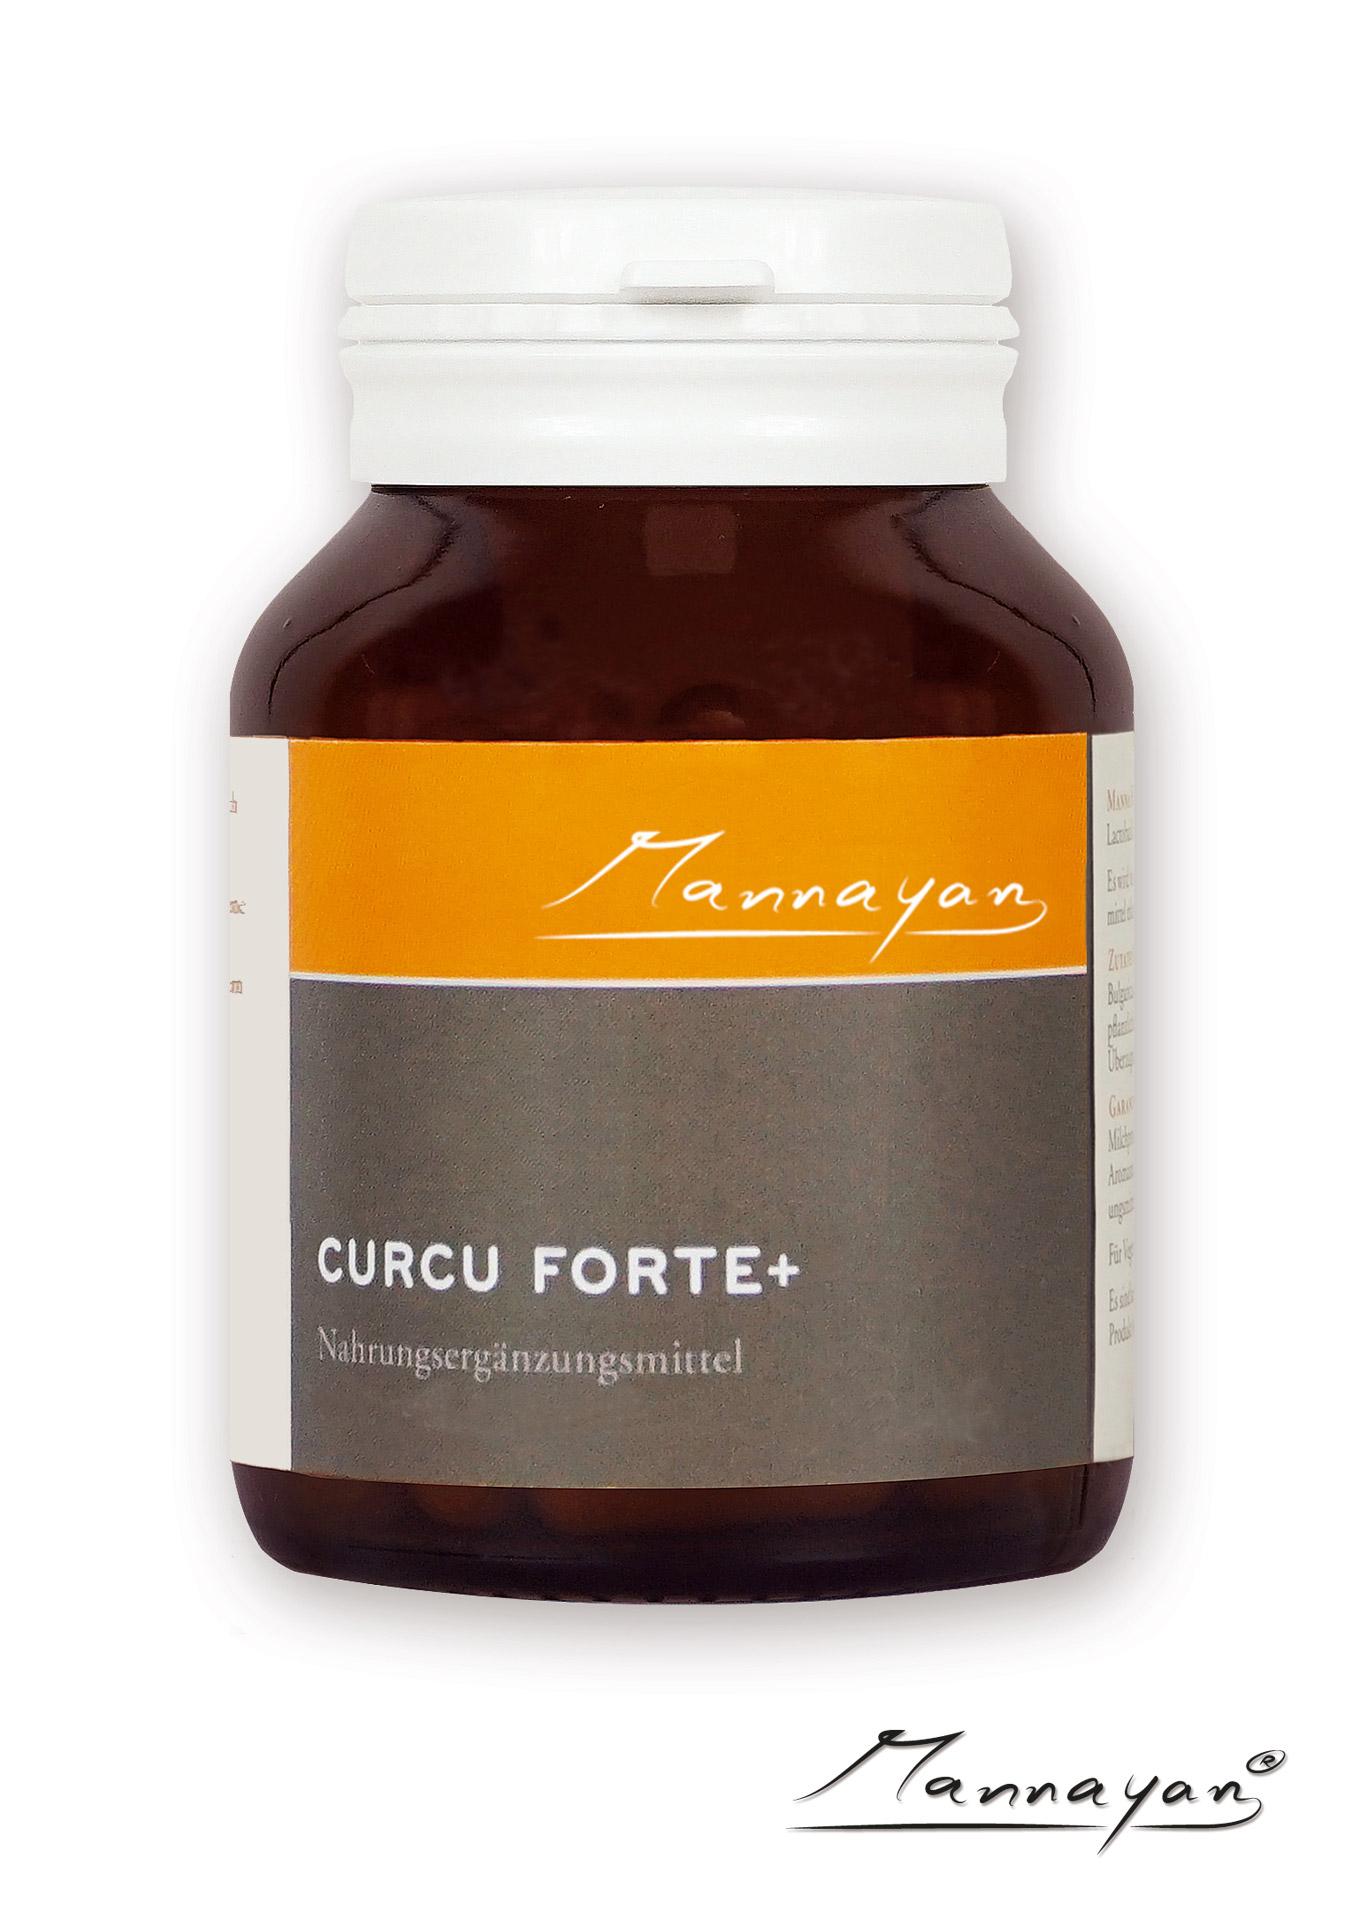 Curcu Forte+ von Mannayan